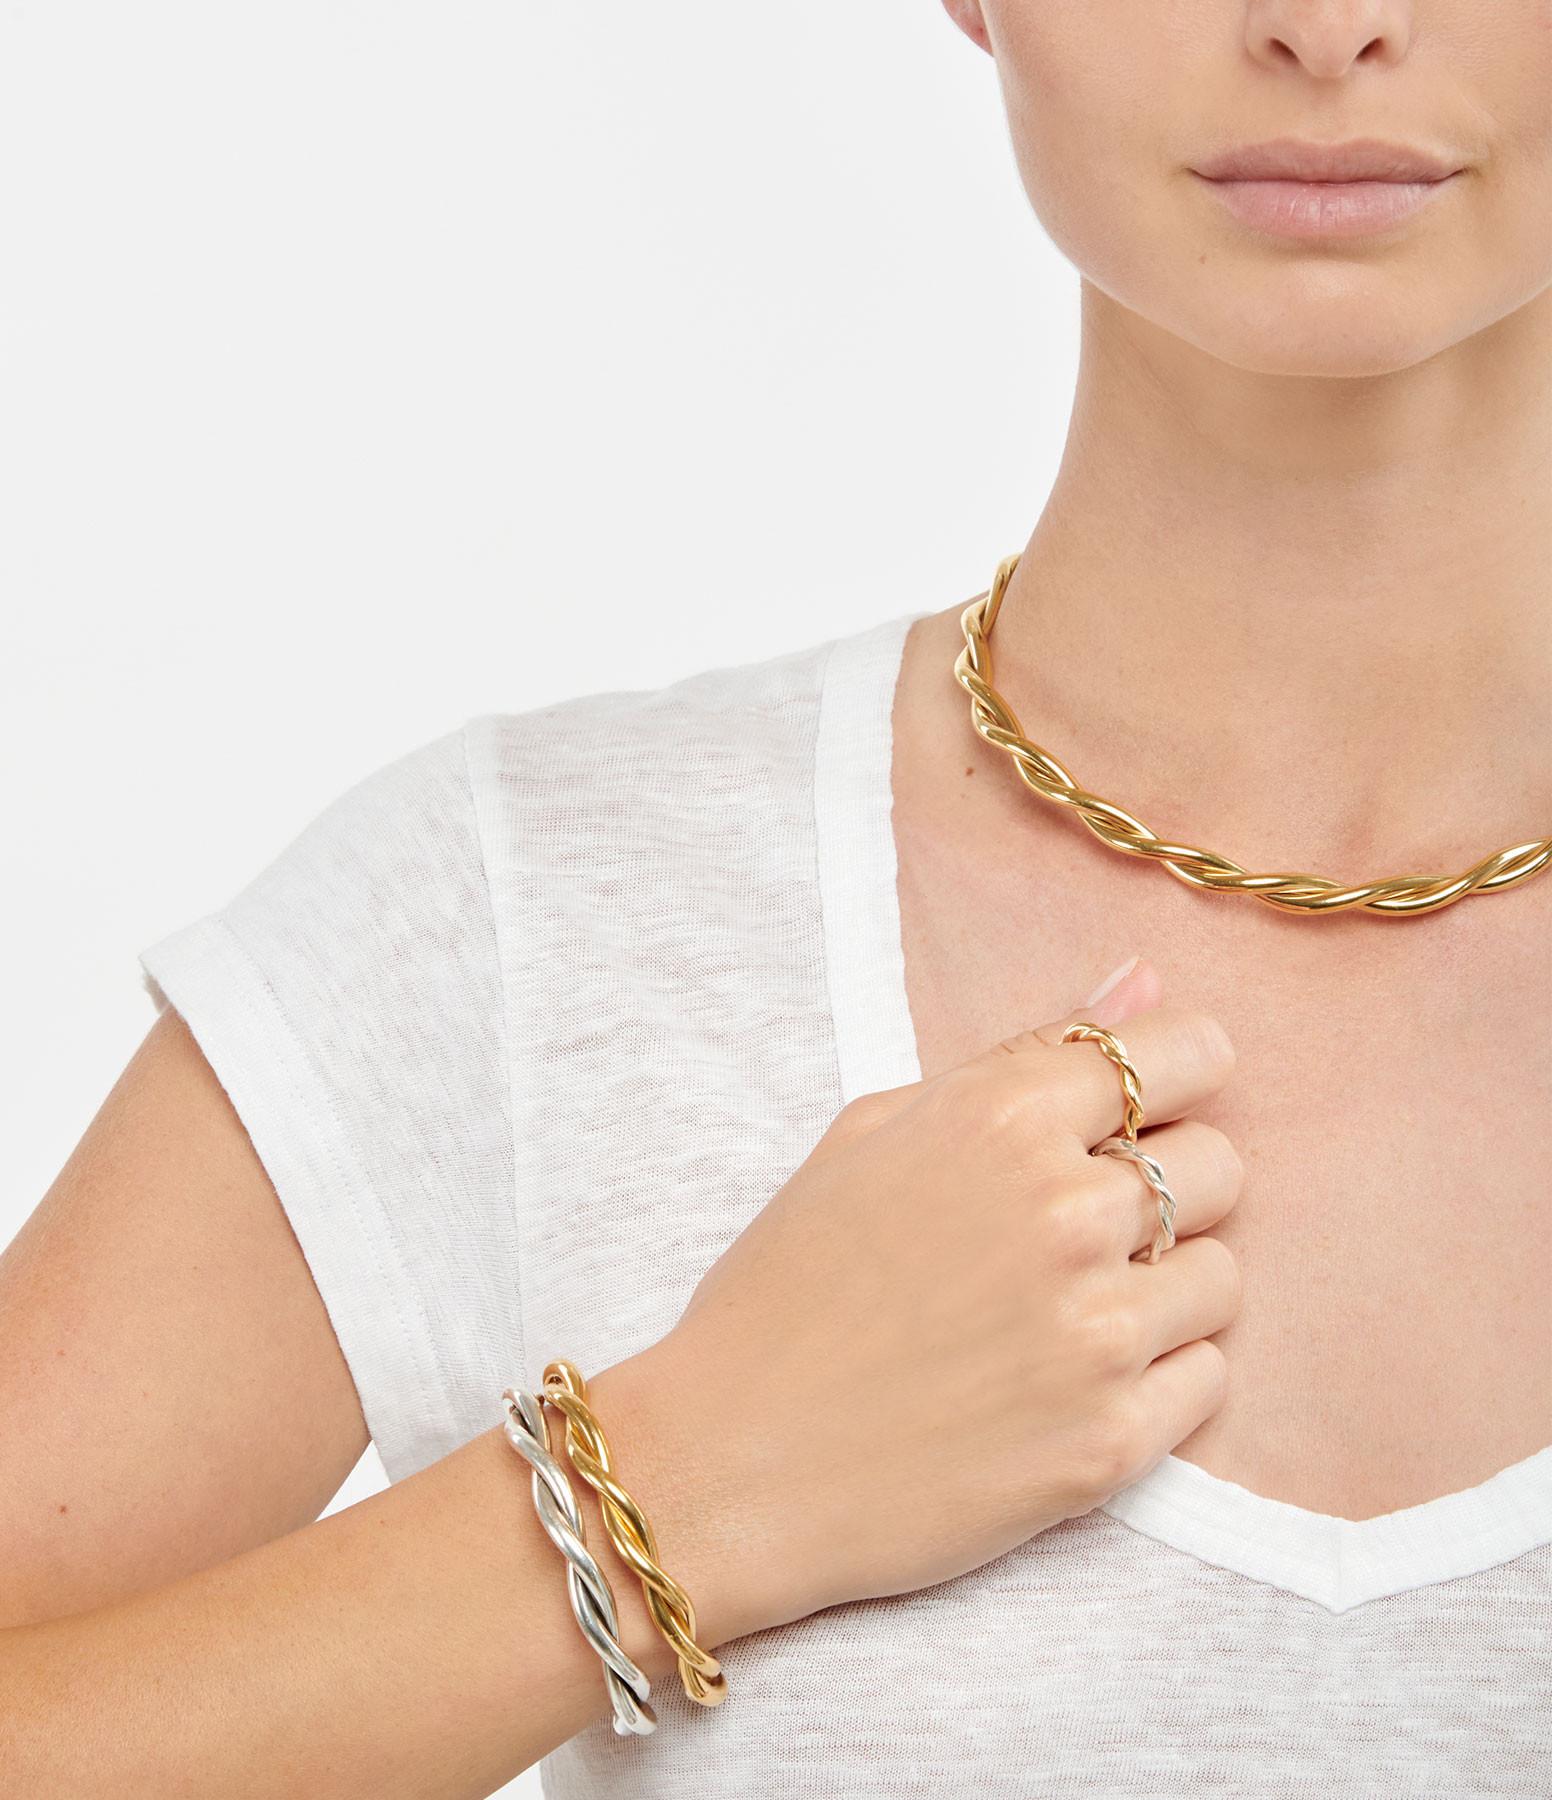 MAGALI PONT - Bracelet Torsade Plaqué Or